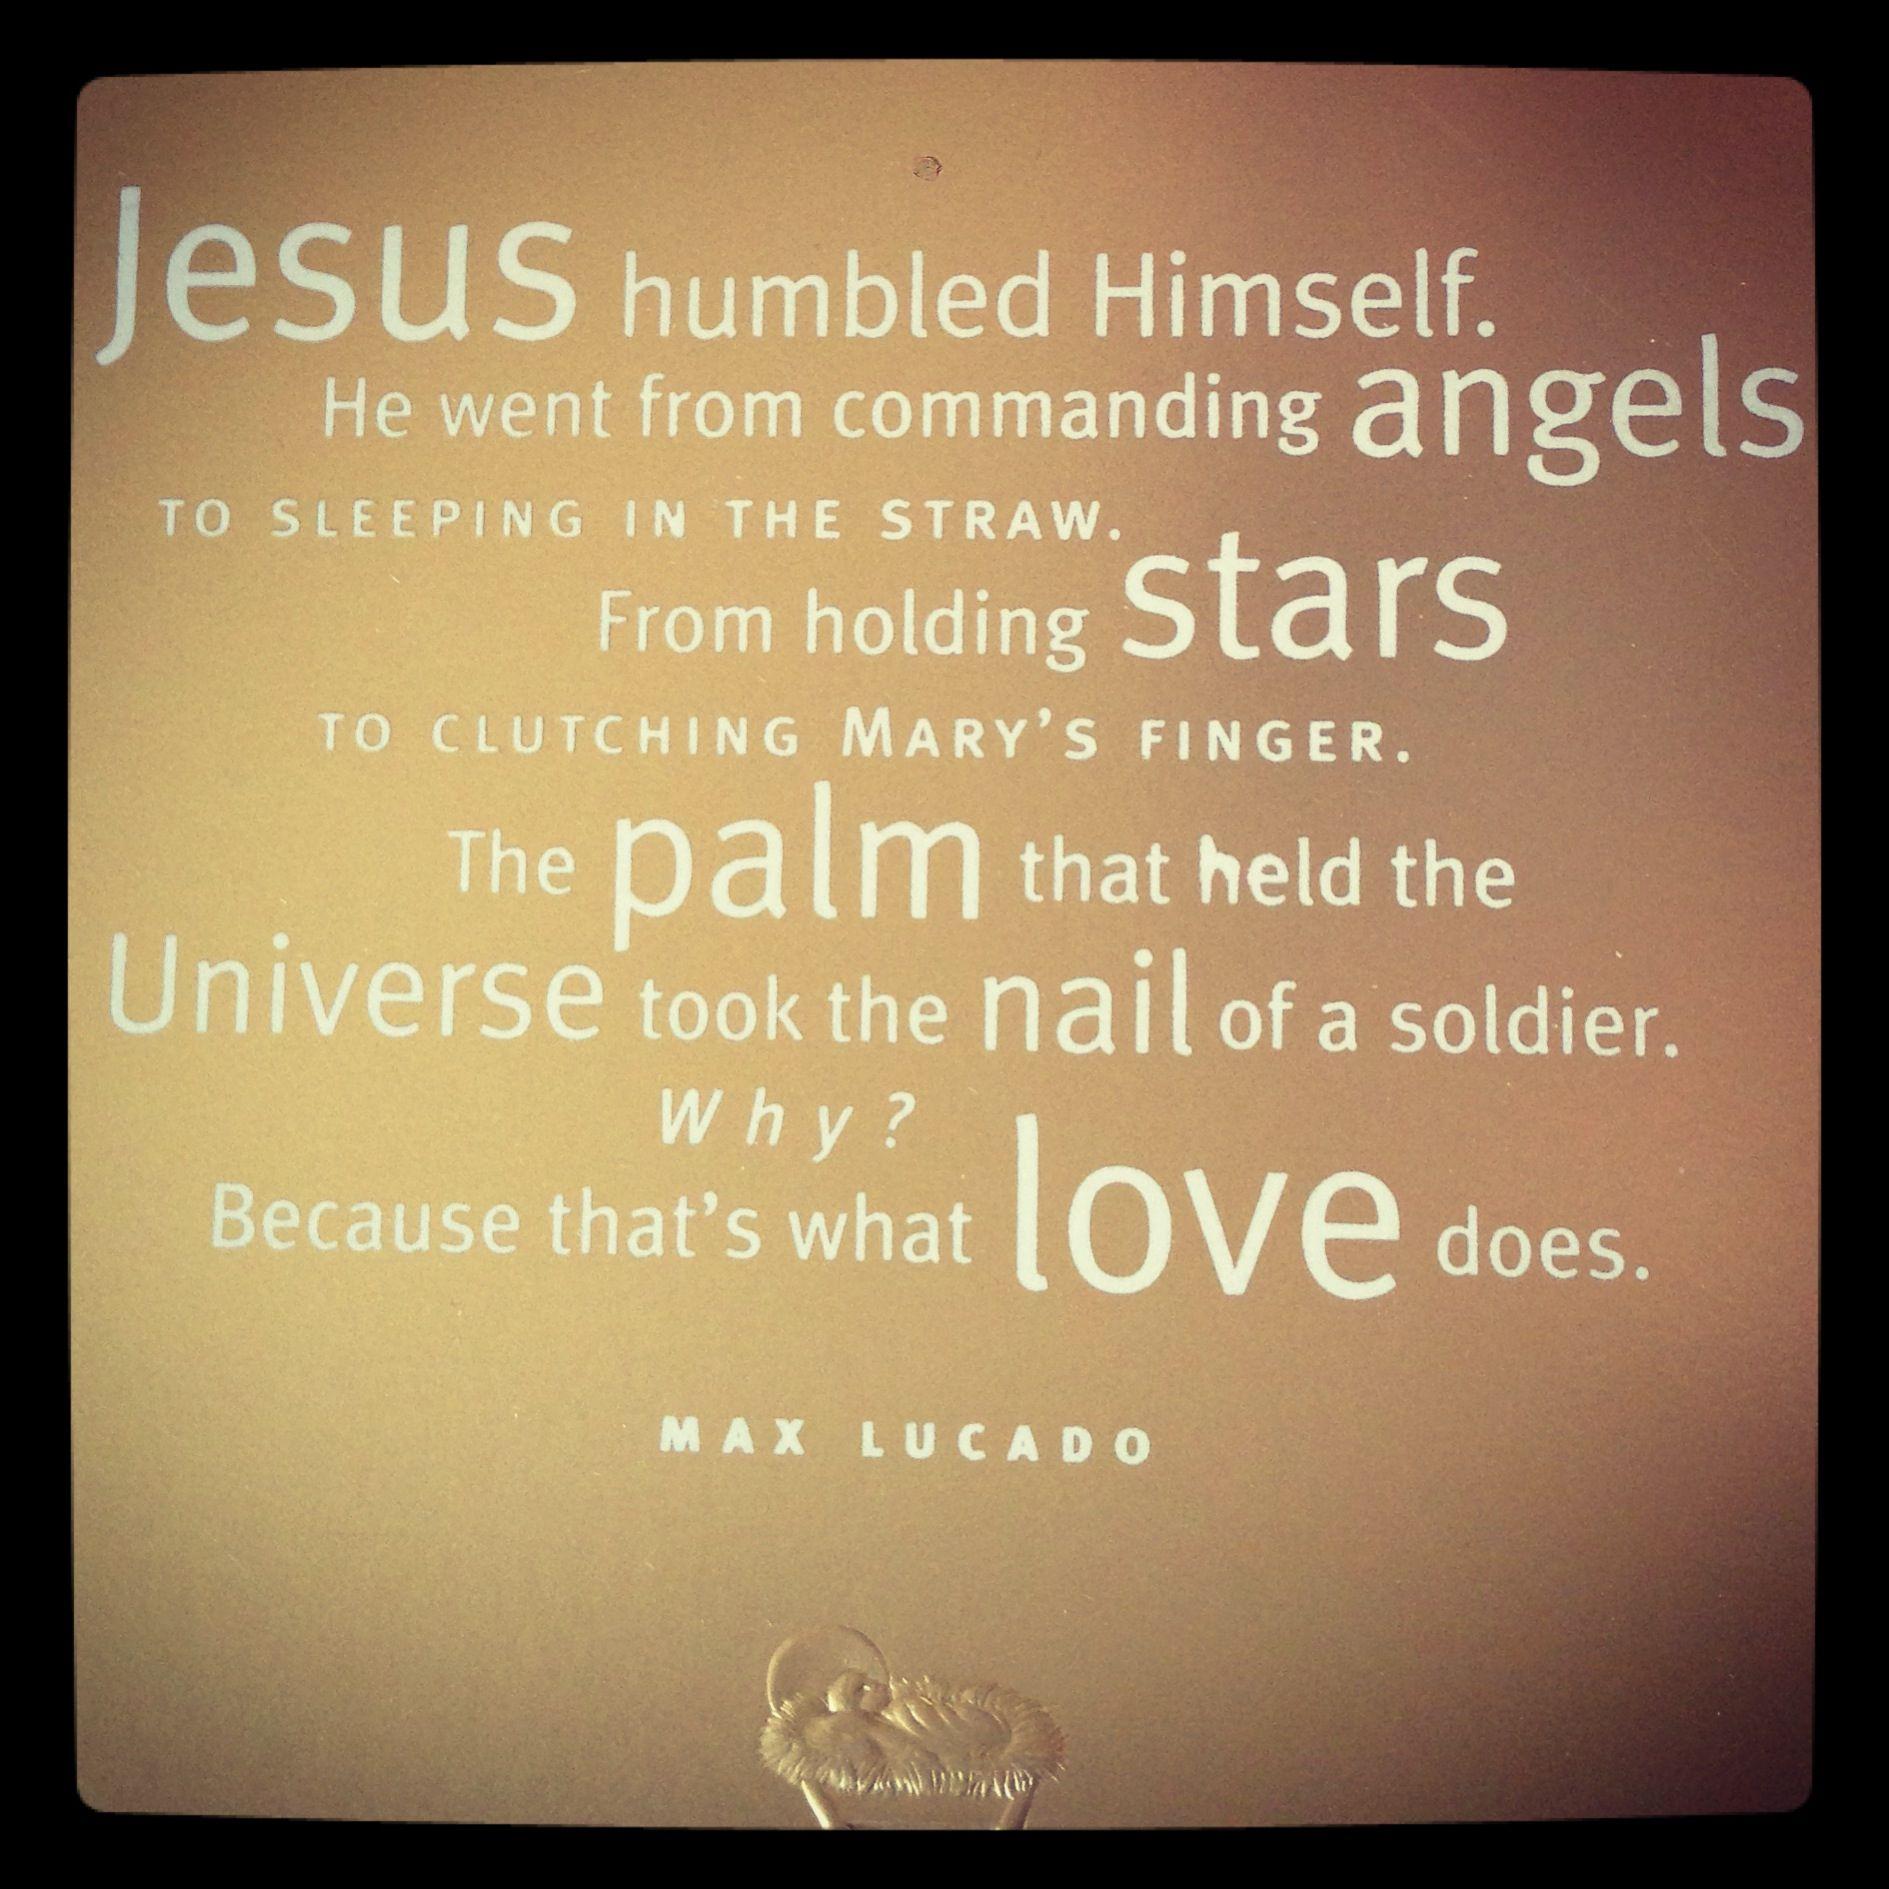 Max Lucado Christmas.Max Lucado Christmas Words And Wisdom Max Lucado